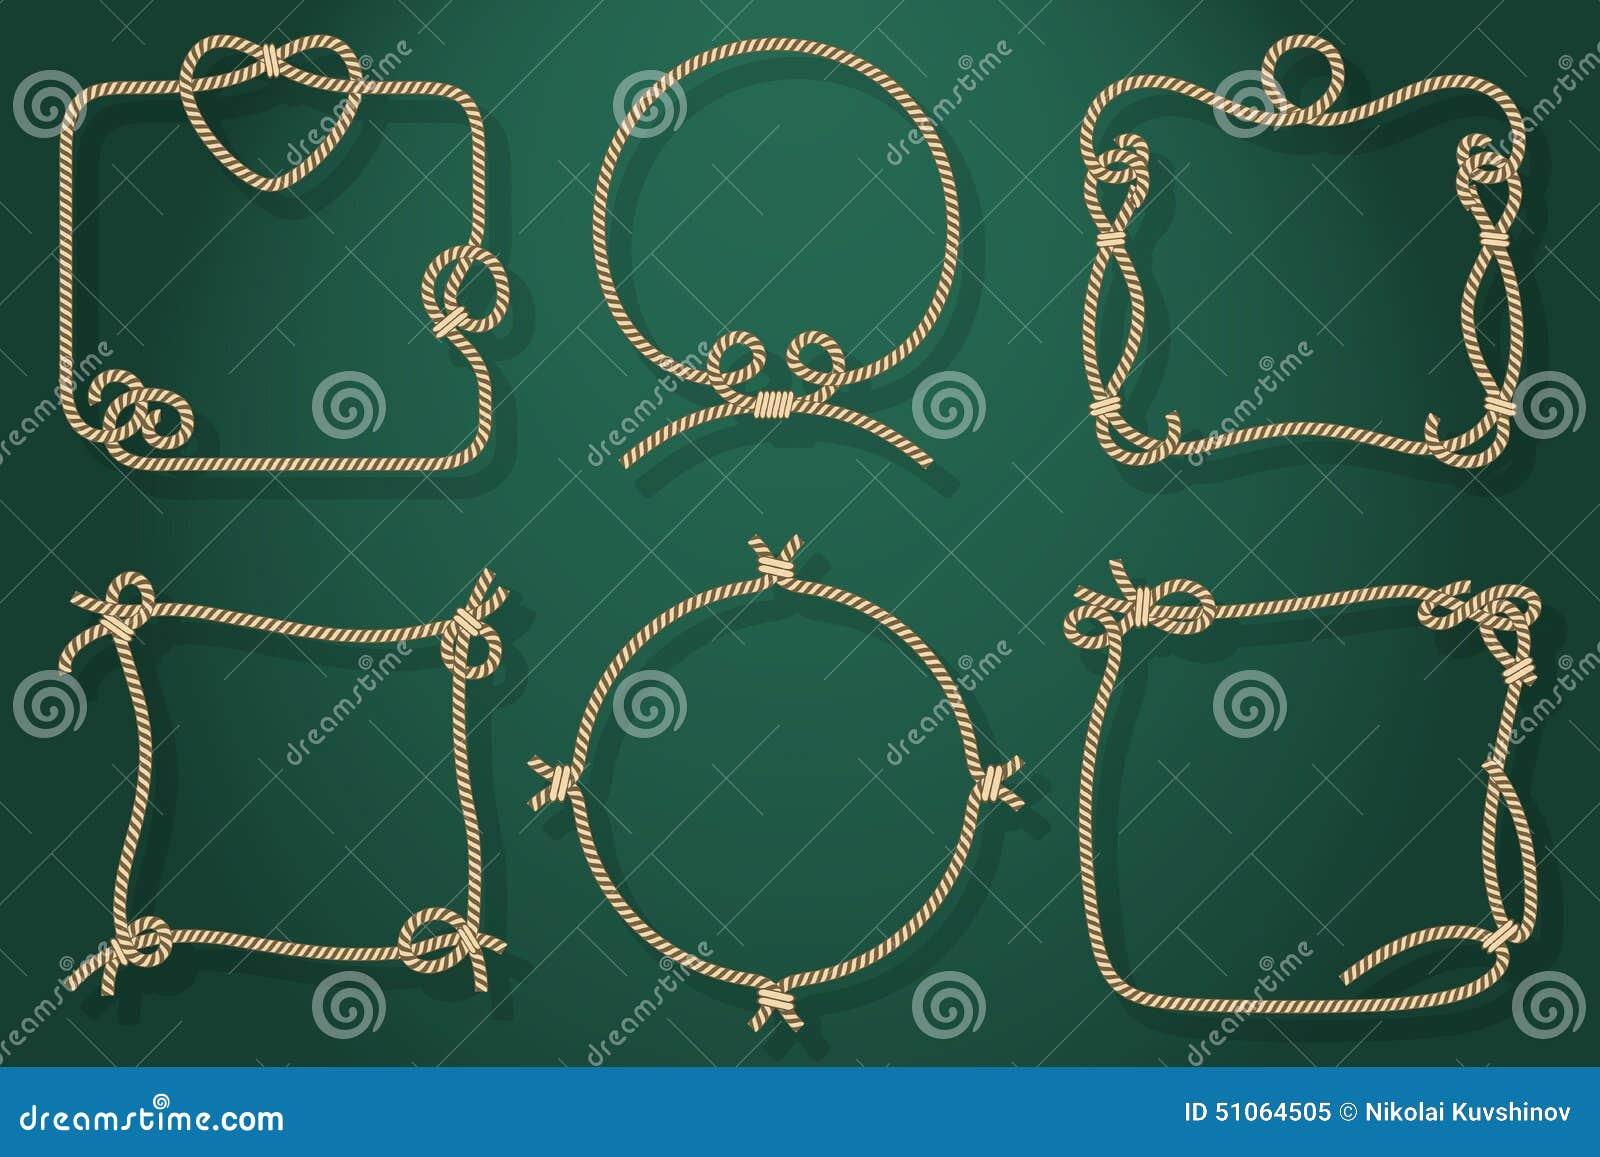 Satz Alte Seil-Rahmen In Den Verschiedenen Einzigartigen Arten ...